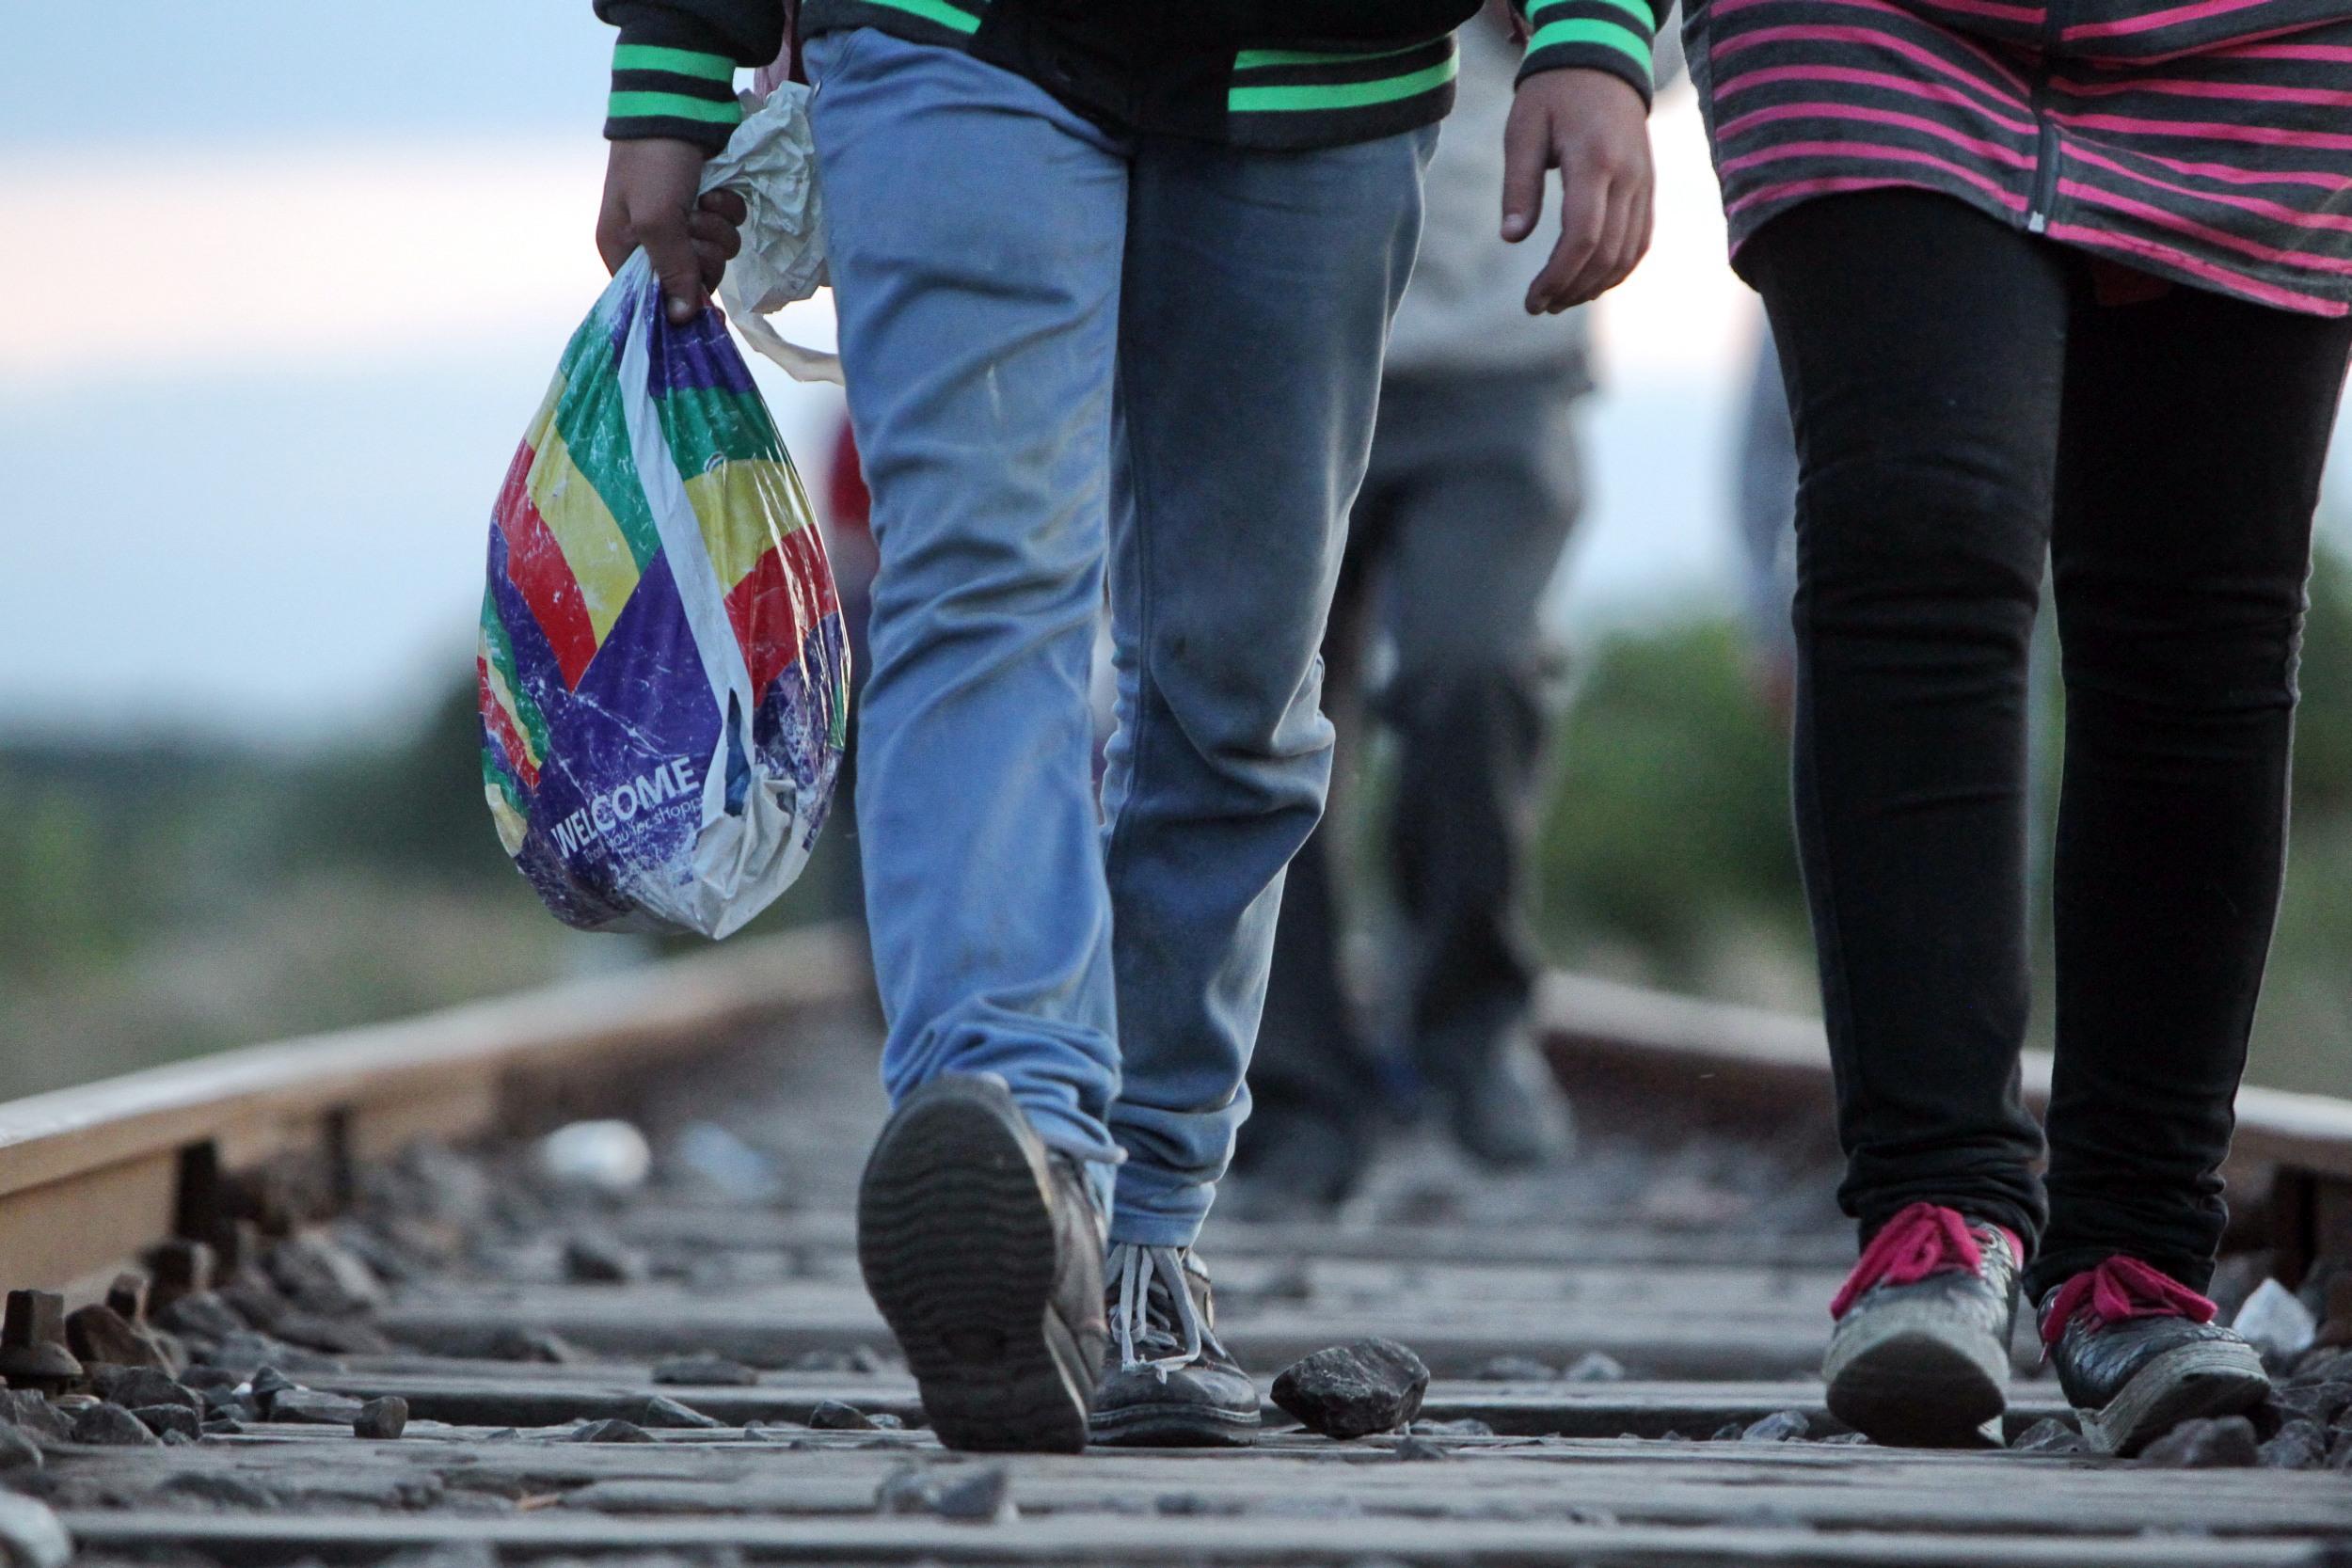 Comisia Europeană dă în judecată Polonia, Ungaria şi Cehia pentru refuzul lor de a găzdui refugiaţi/ România îndemnată să pună corect în aplicare directivele privind migraţia legală